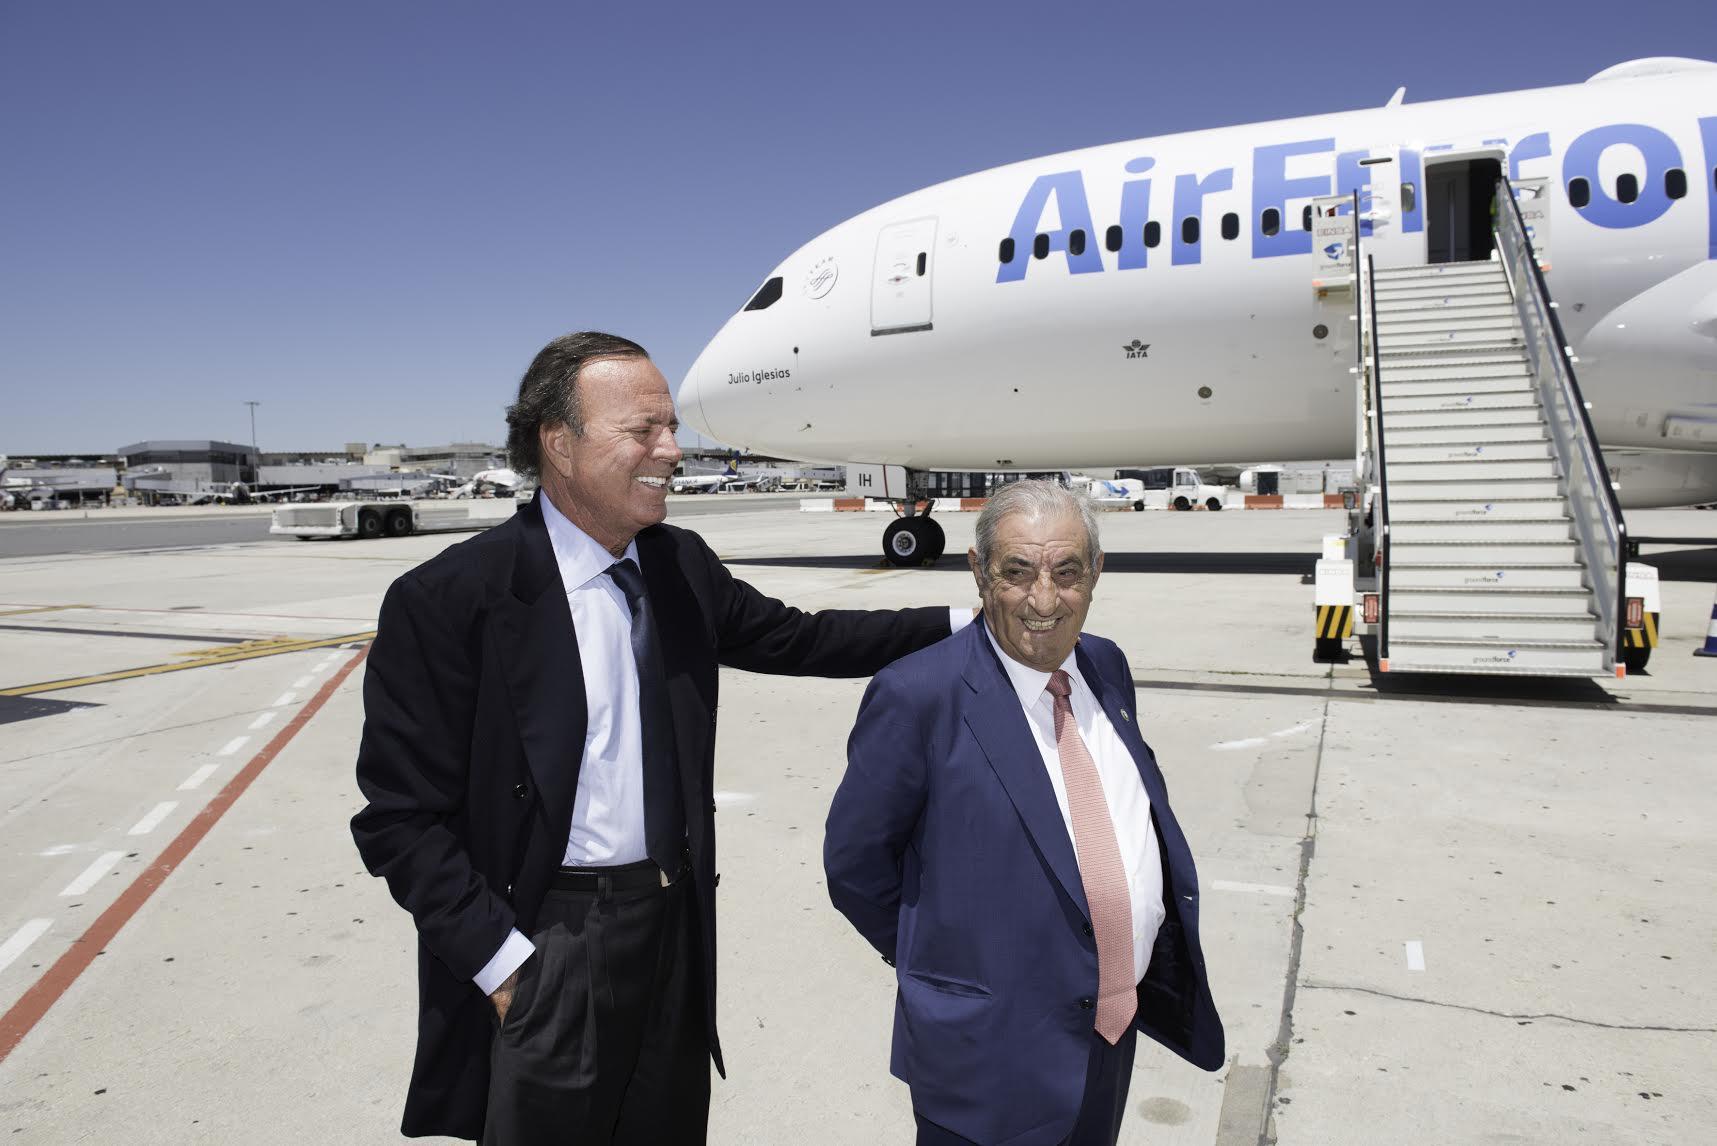 Don Juan José Hidalgo Presidente de Globalia y Julio Iglesias